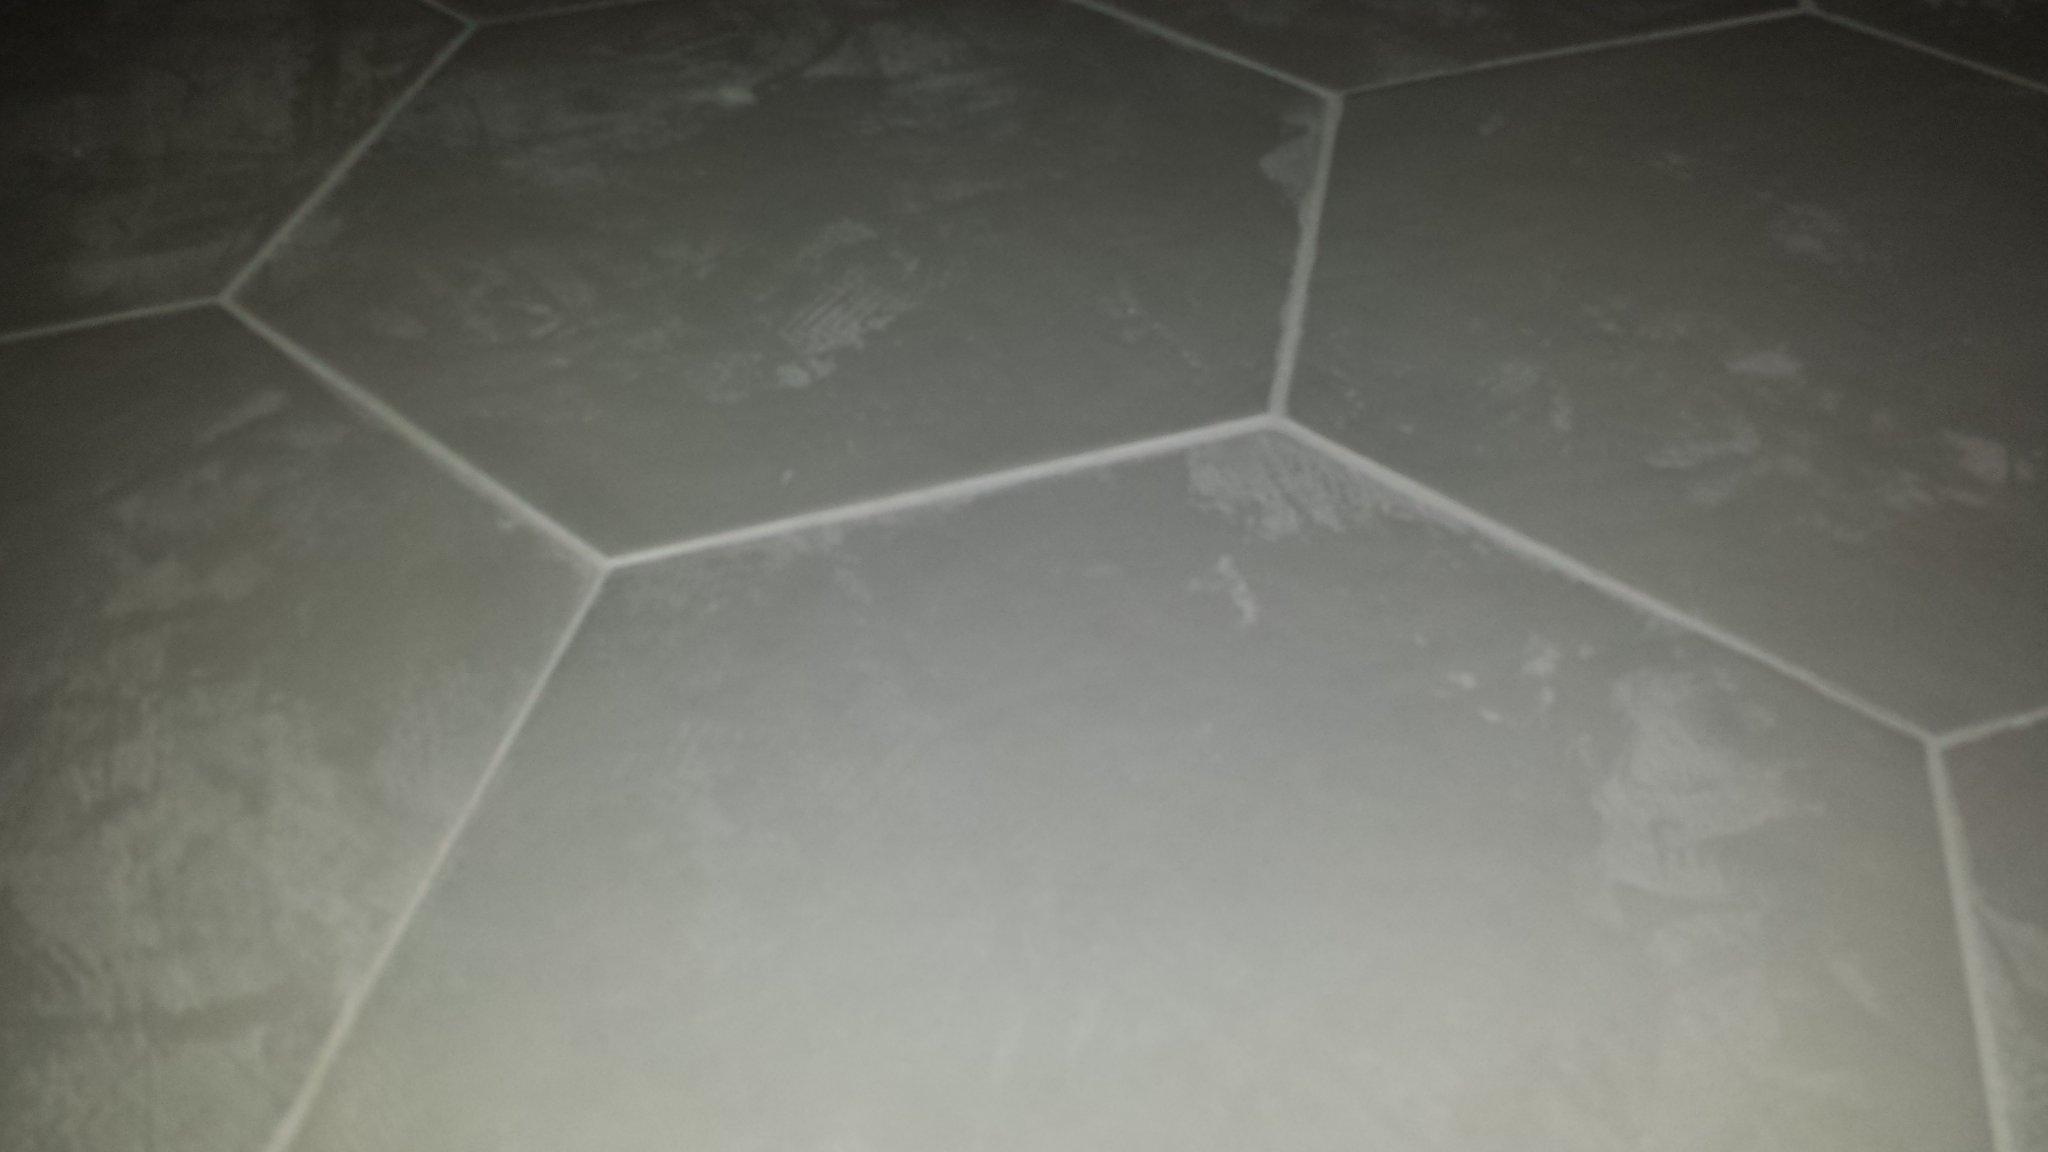 Posa pavimento su pavimento esistente per cucina bagno e camere